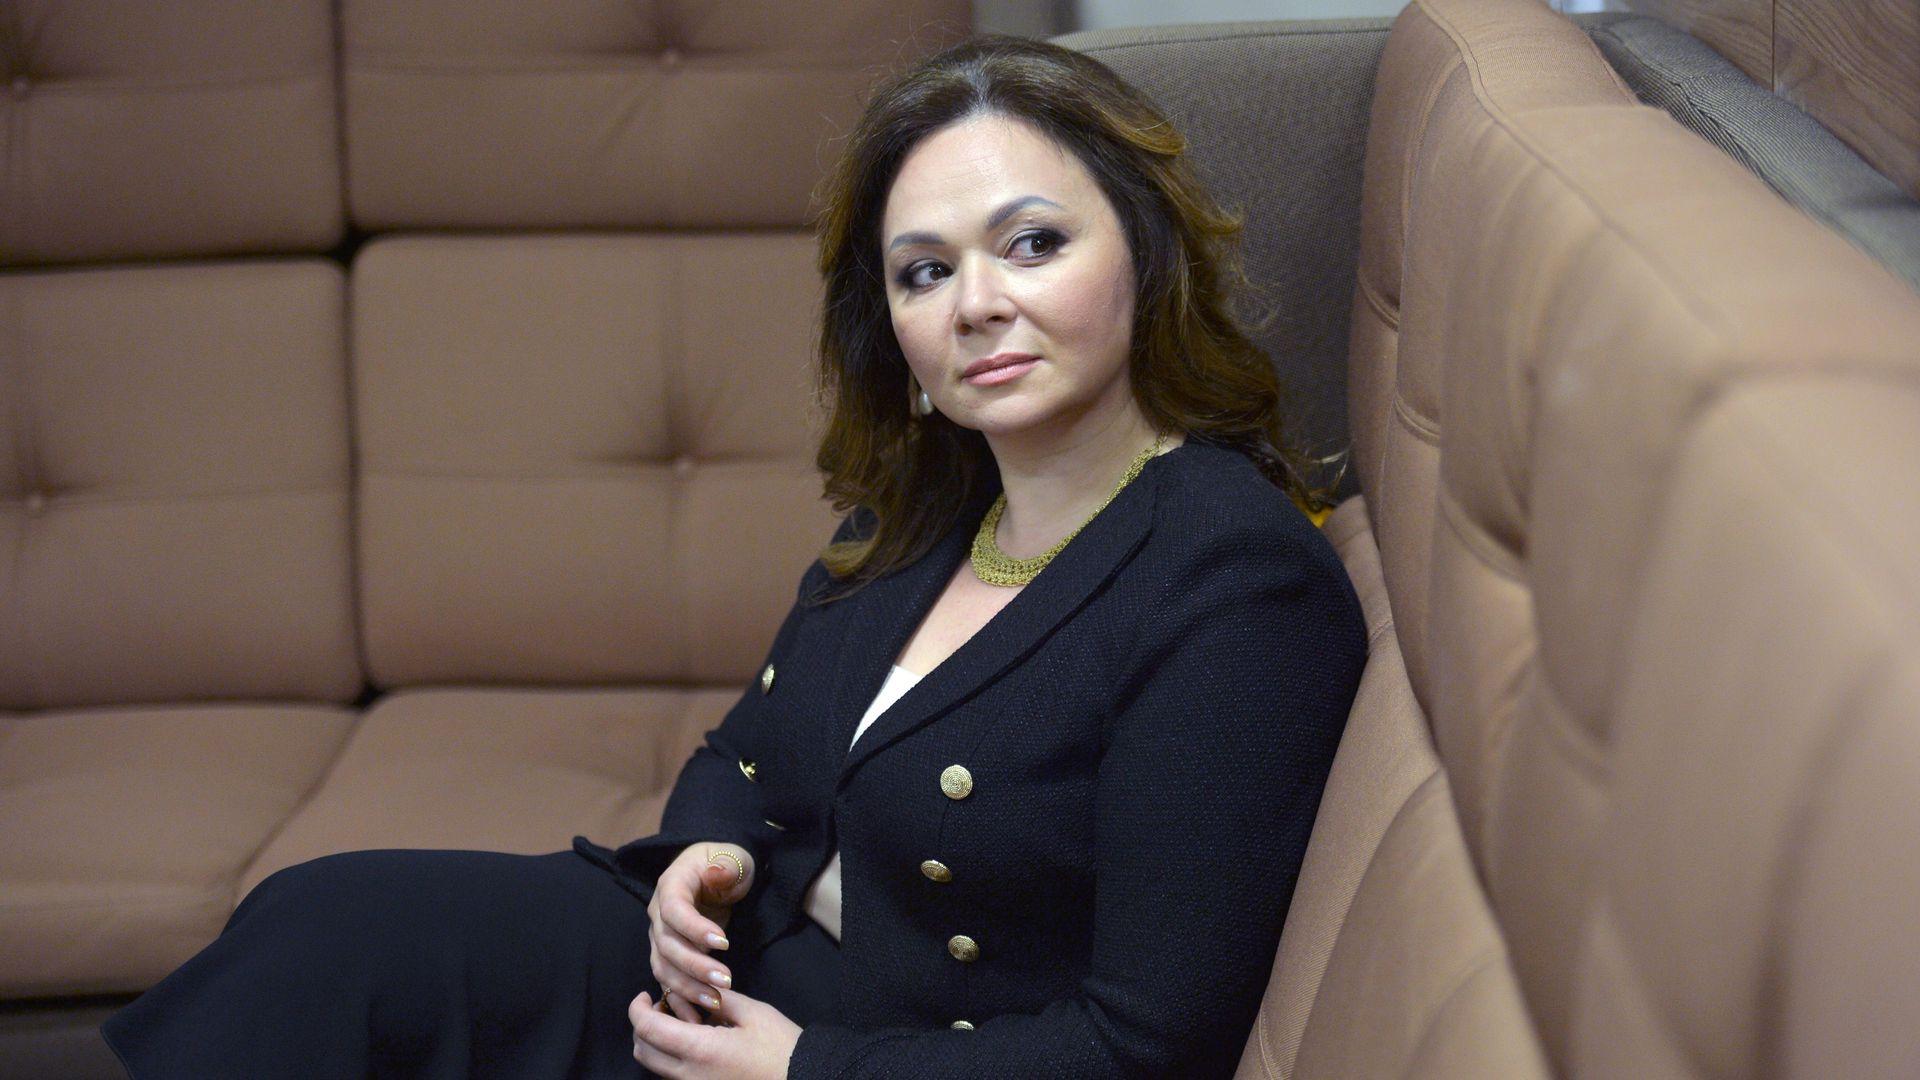 Natalya Veselnitskaya sitting on a couch looking sideways.